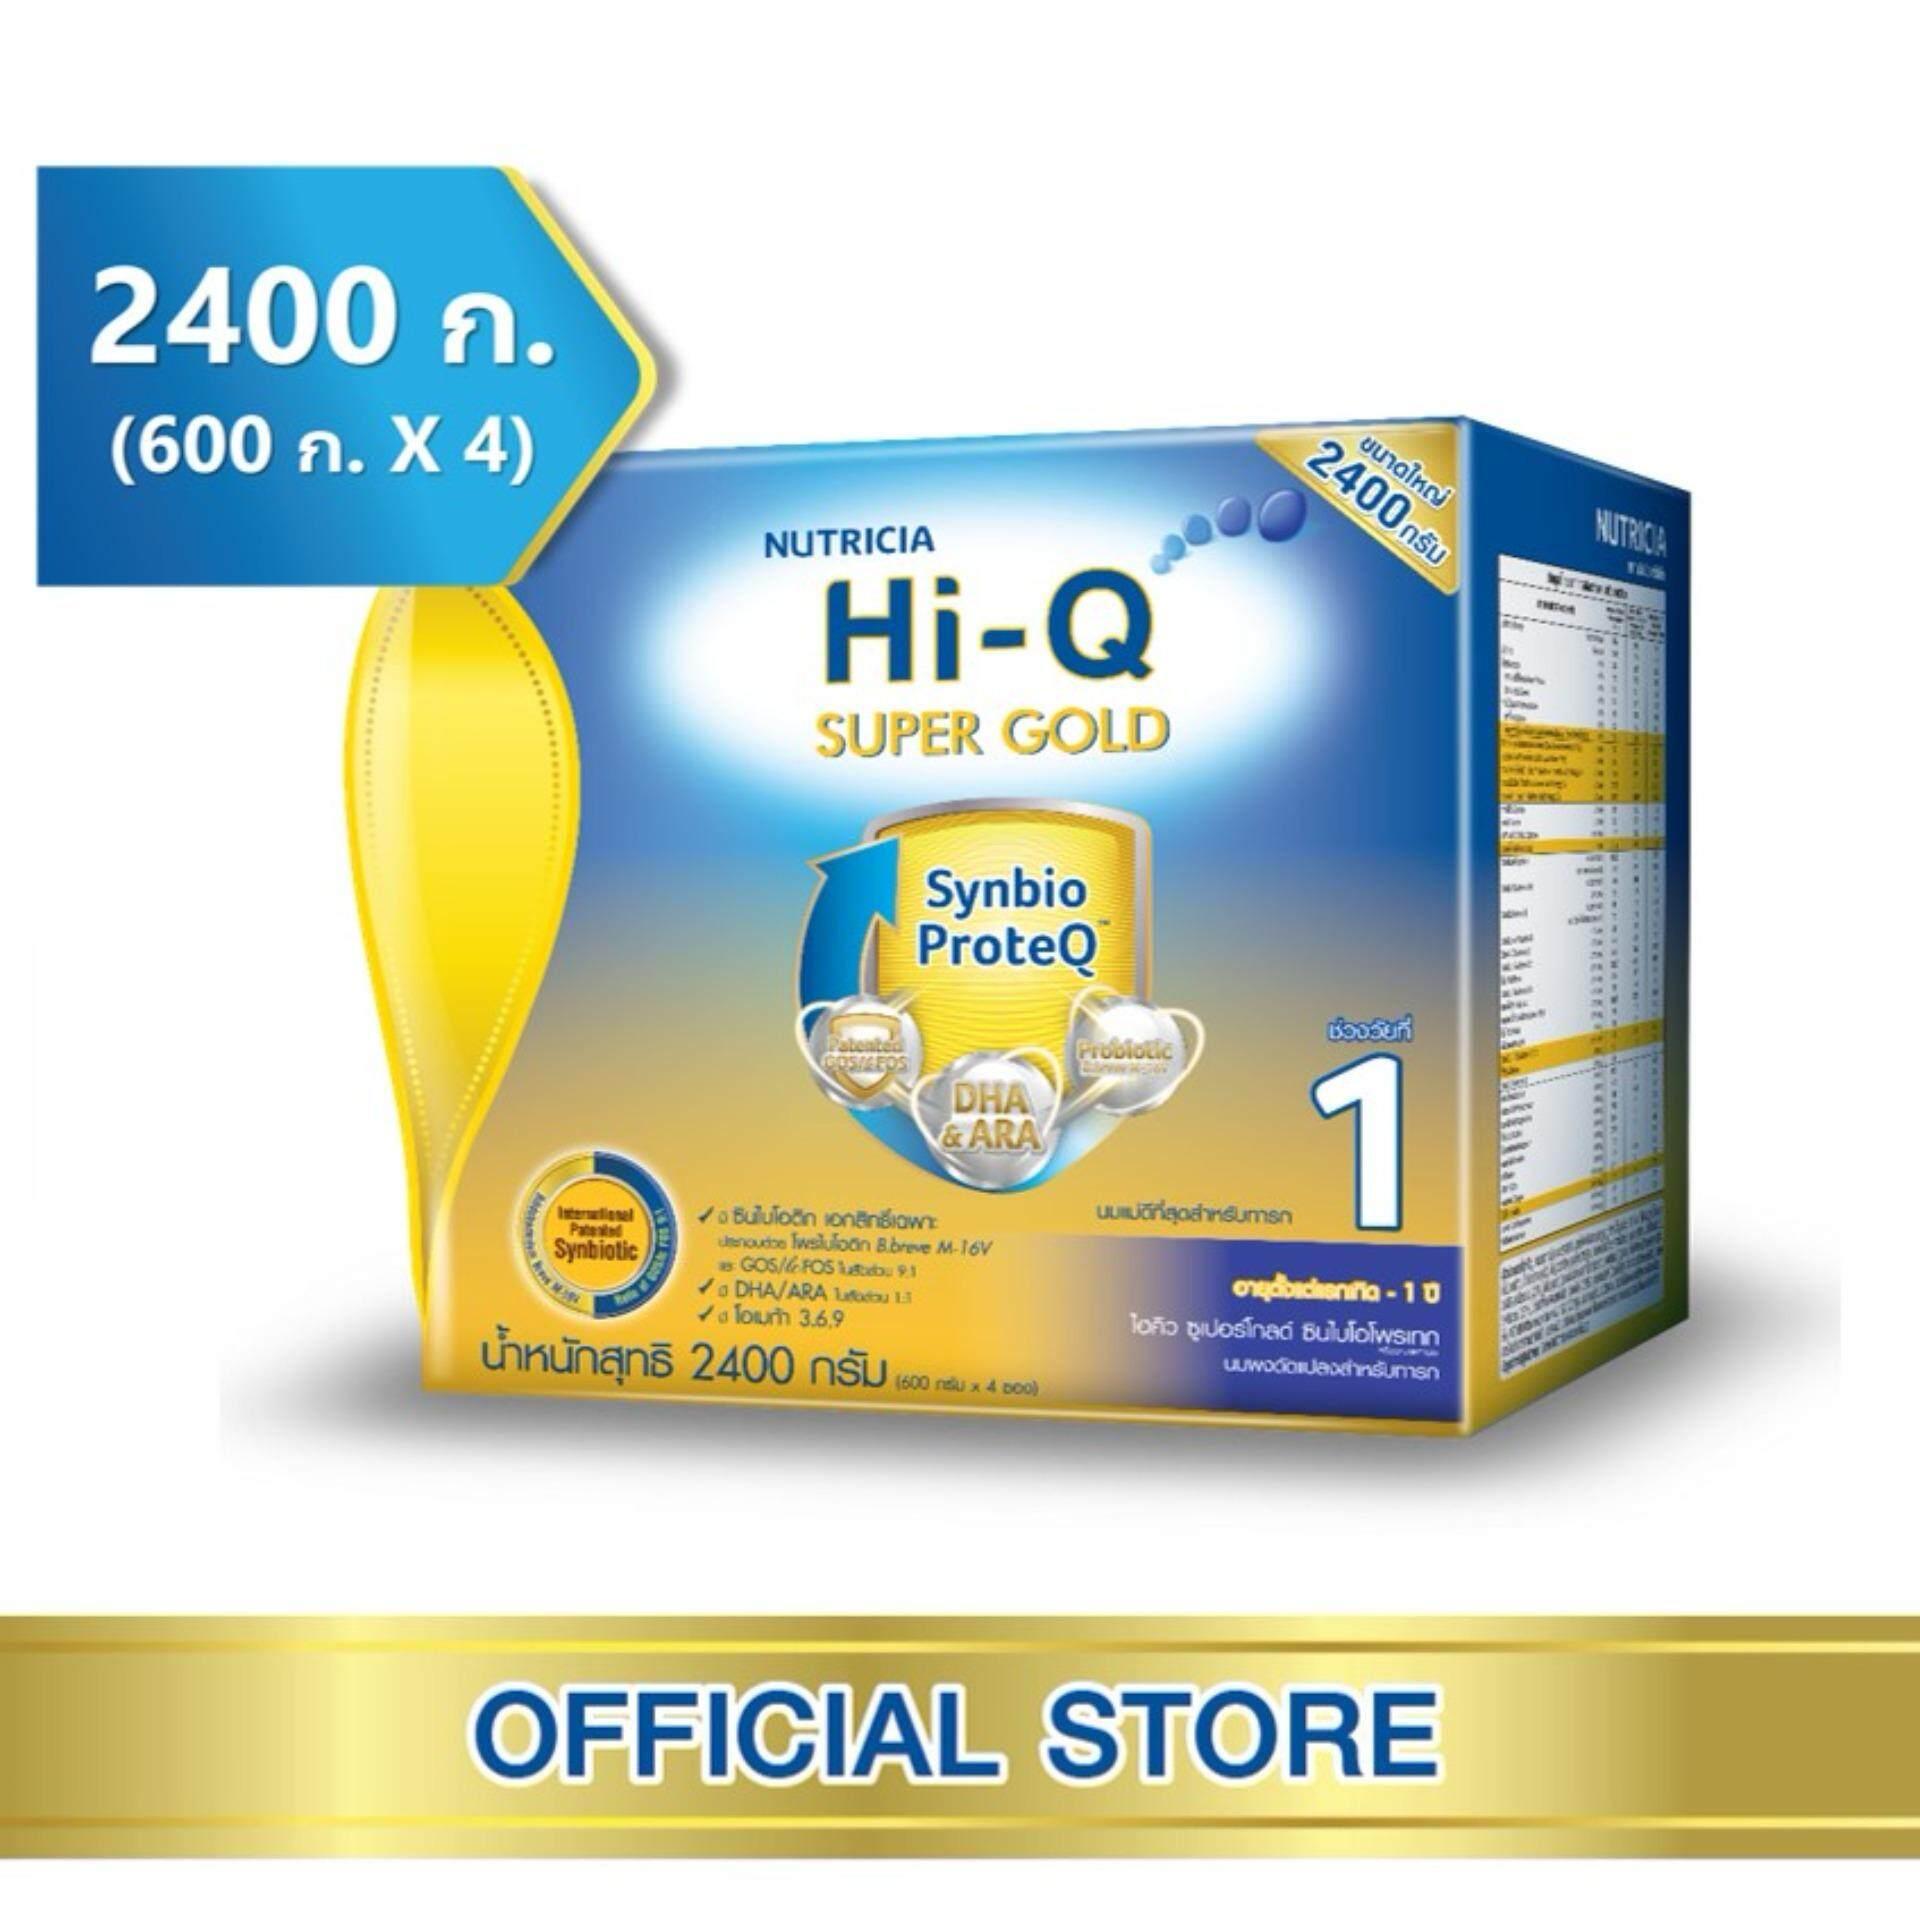 นมผง Hi-Q Supergold ไฮคิว ซูเปอร์โกลด์ ซินไบโอโพรเทก 2400 กรัม (ช่วงวัยที่ 1)